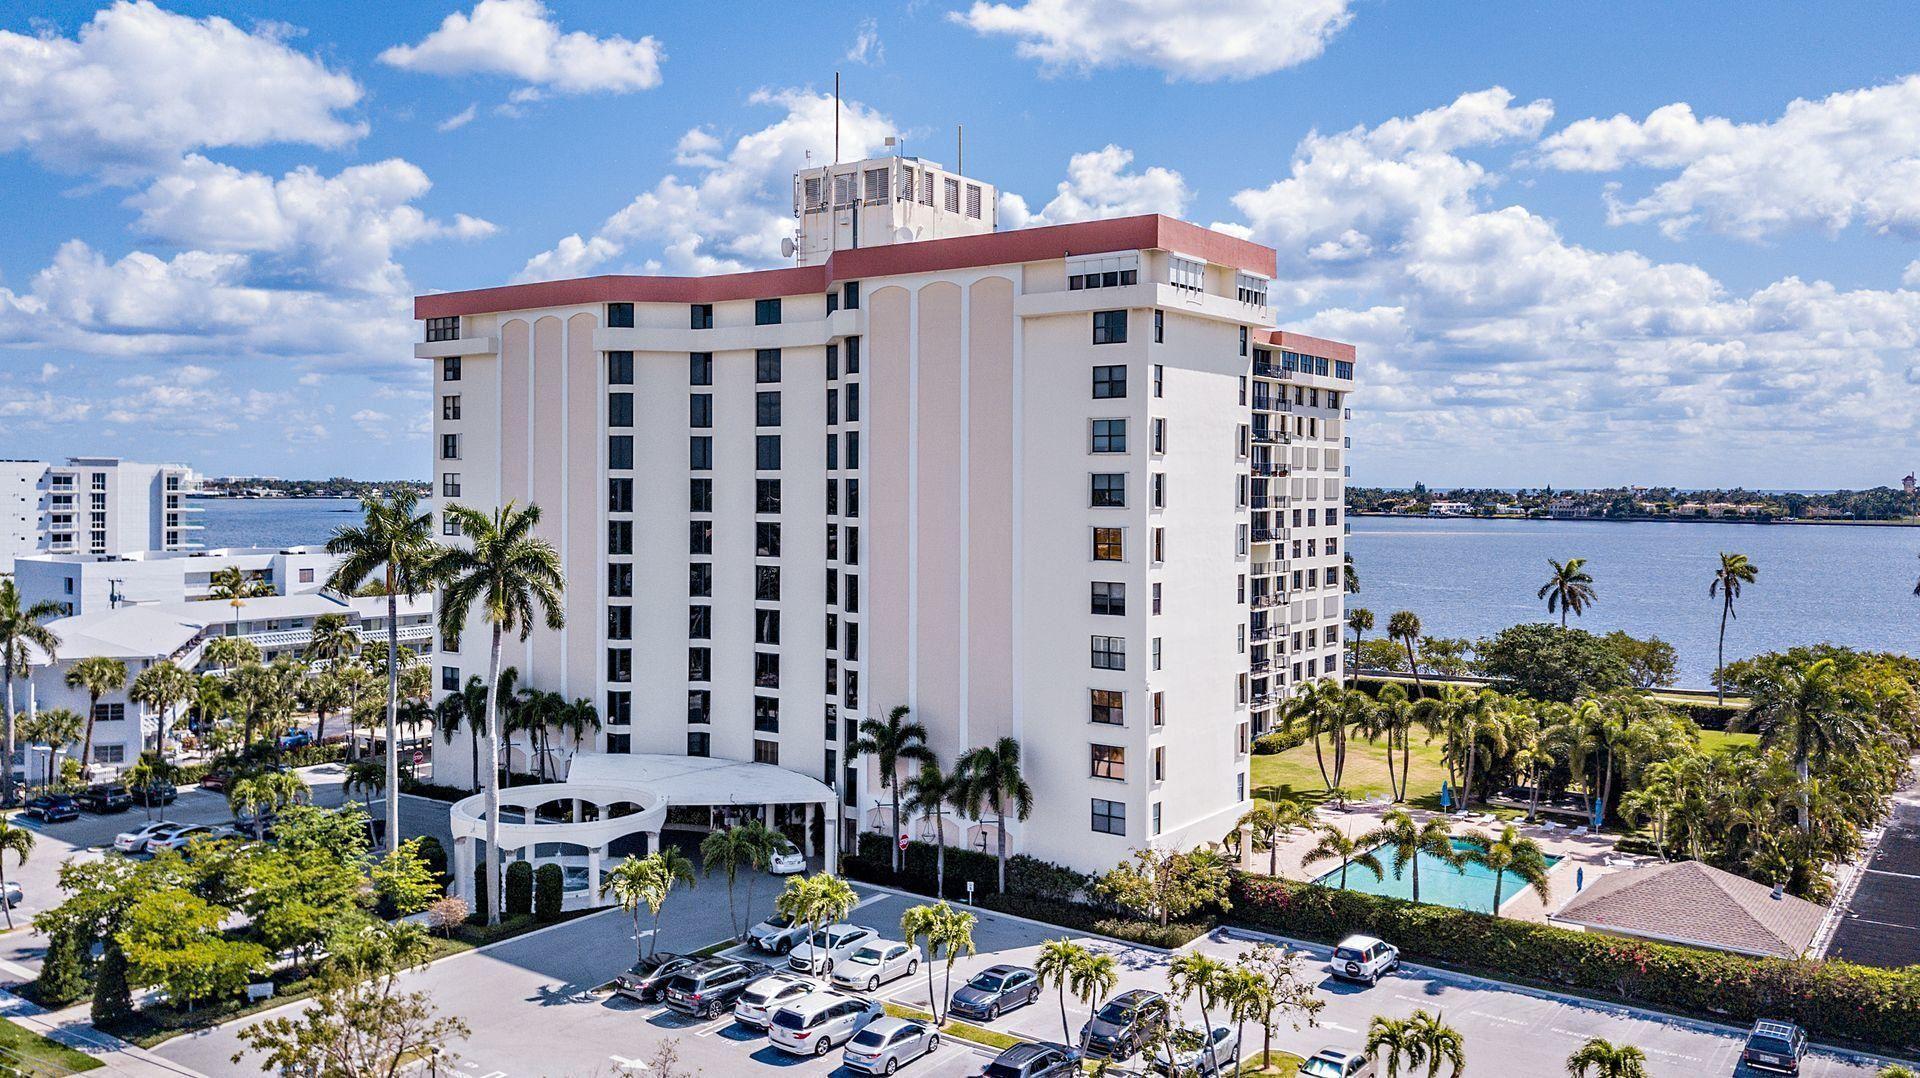 3800 Washington Road #205, West Palm Beach, FL 33405 - #: RX-10703886